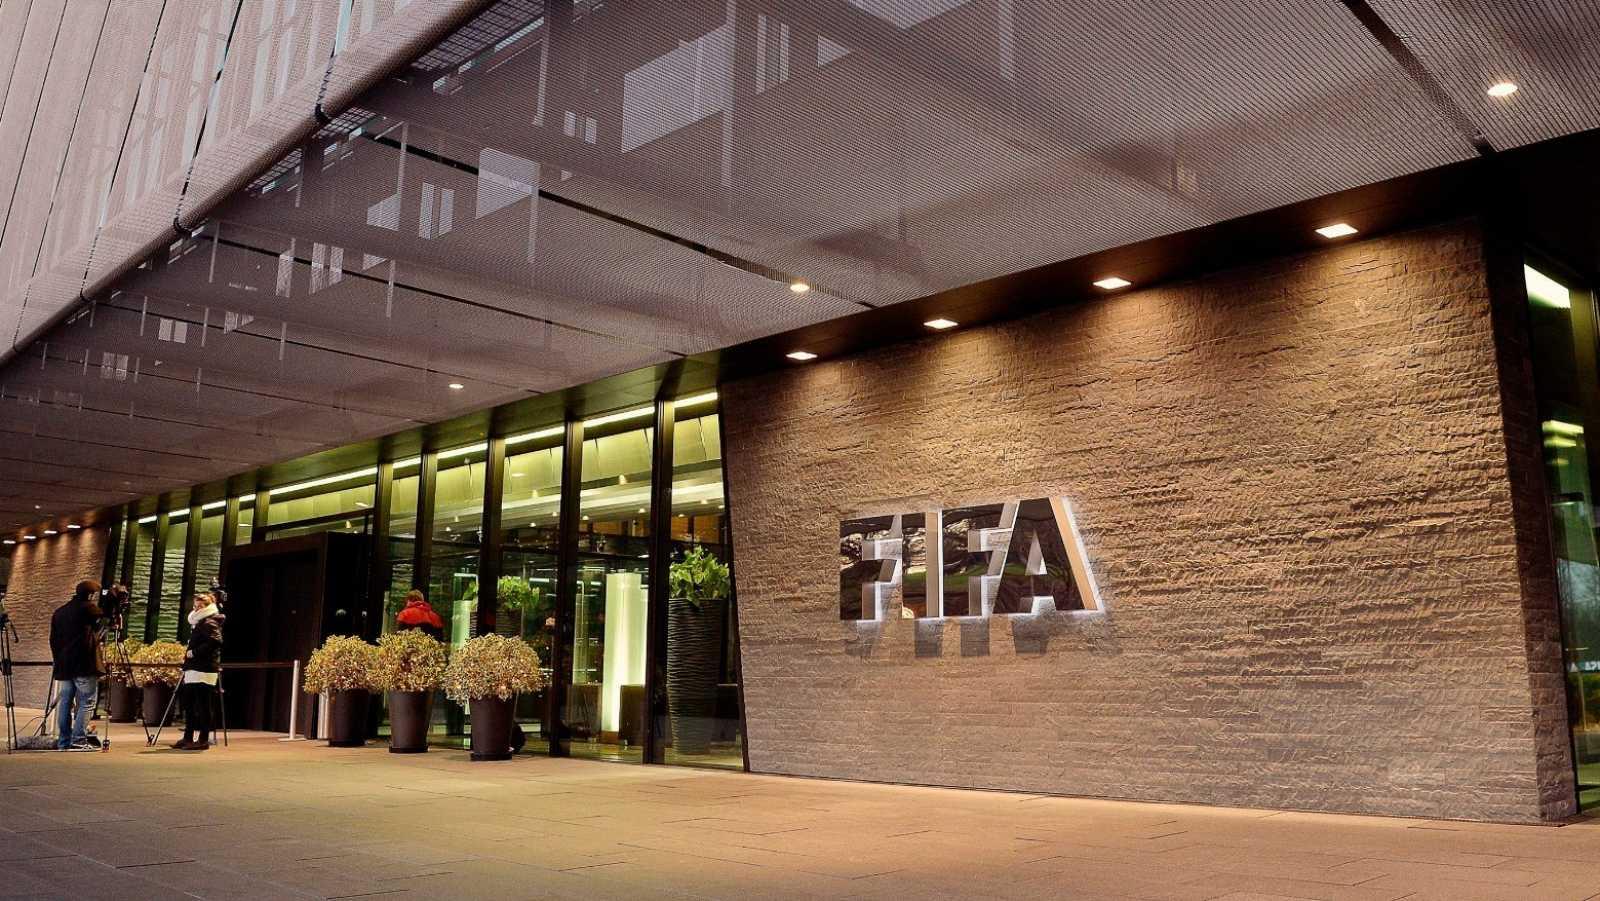 Vista del exterior de la sede de la FIFA en Zúrich, Suiza